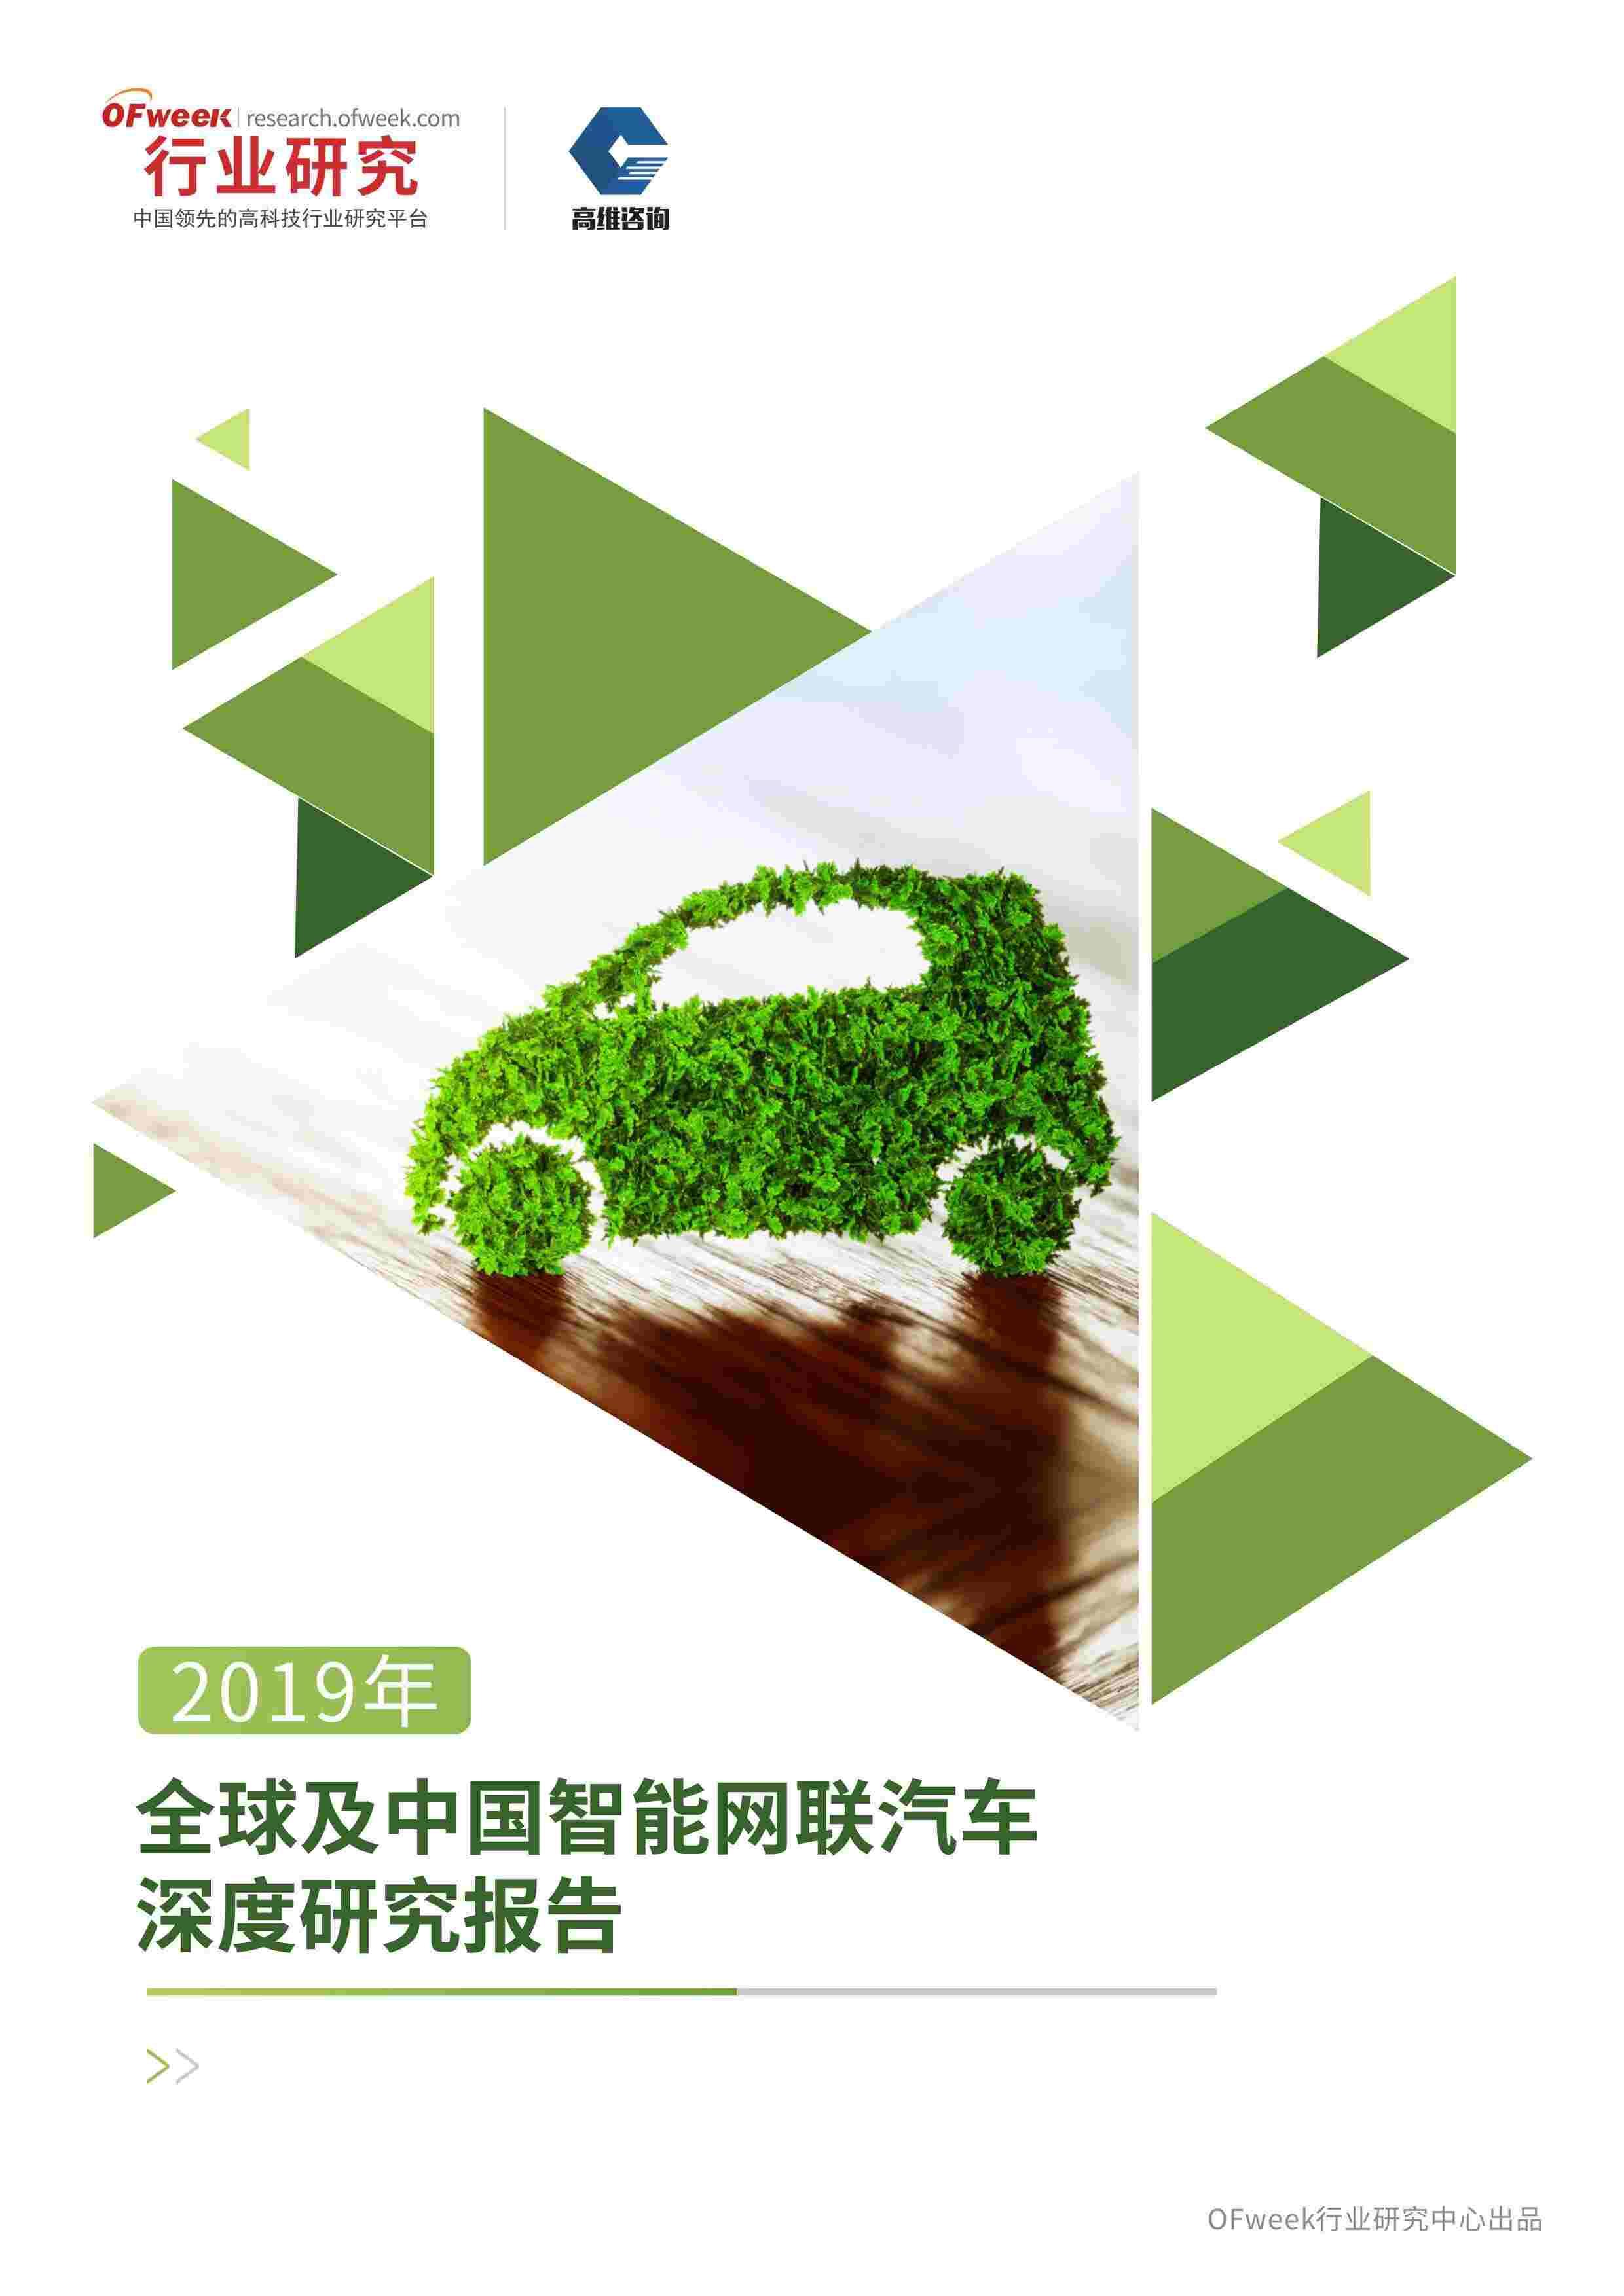 2019年全球及中国智能网联汽车深度研究报告